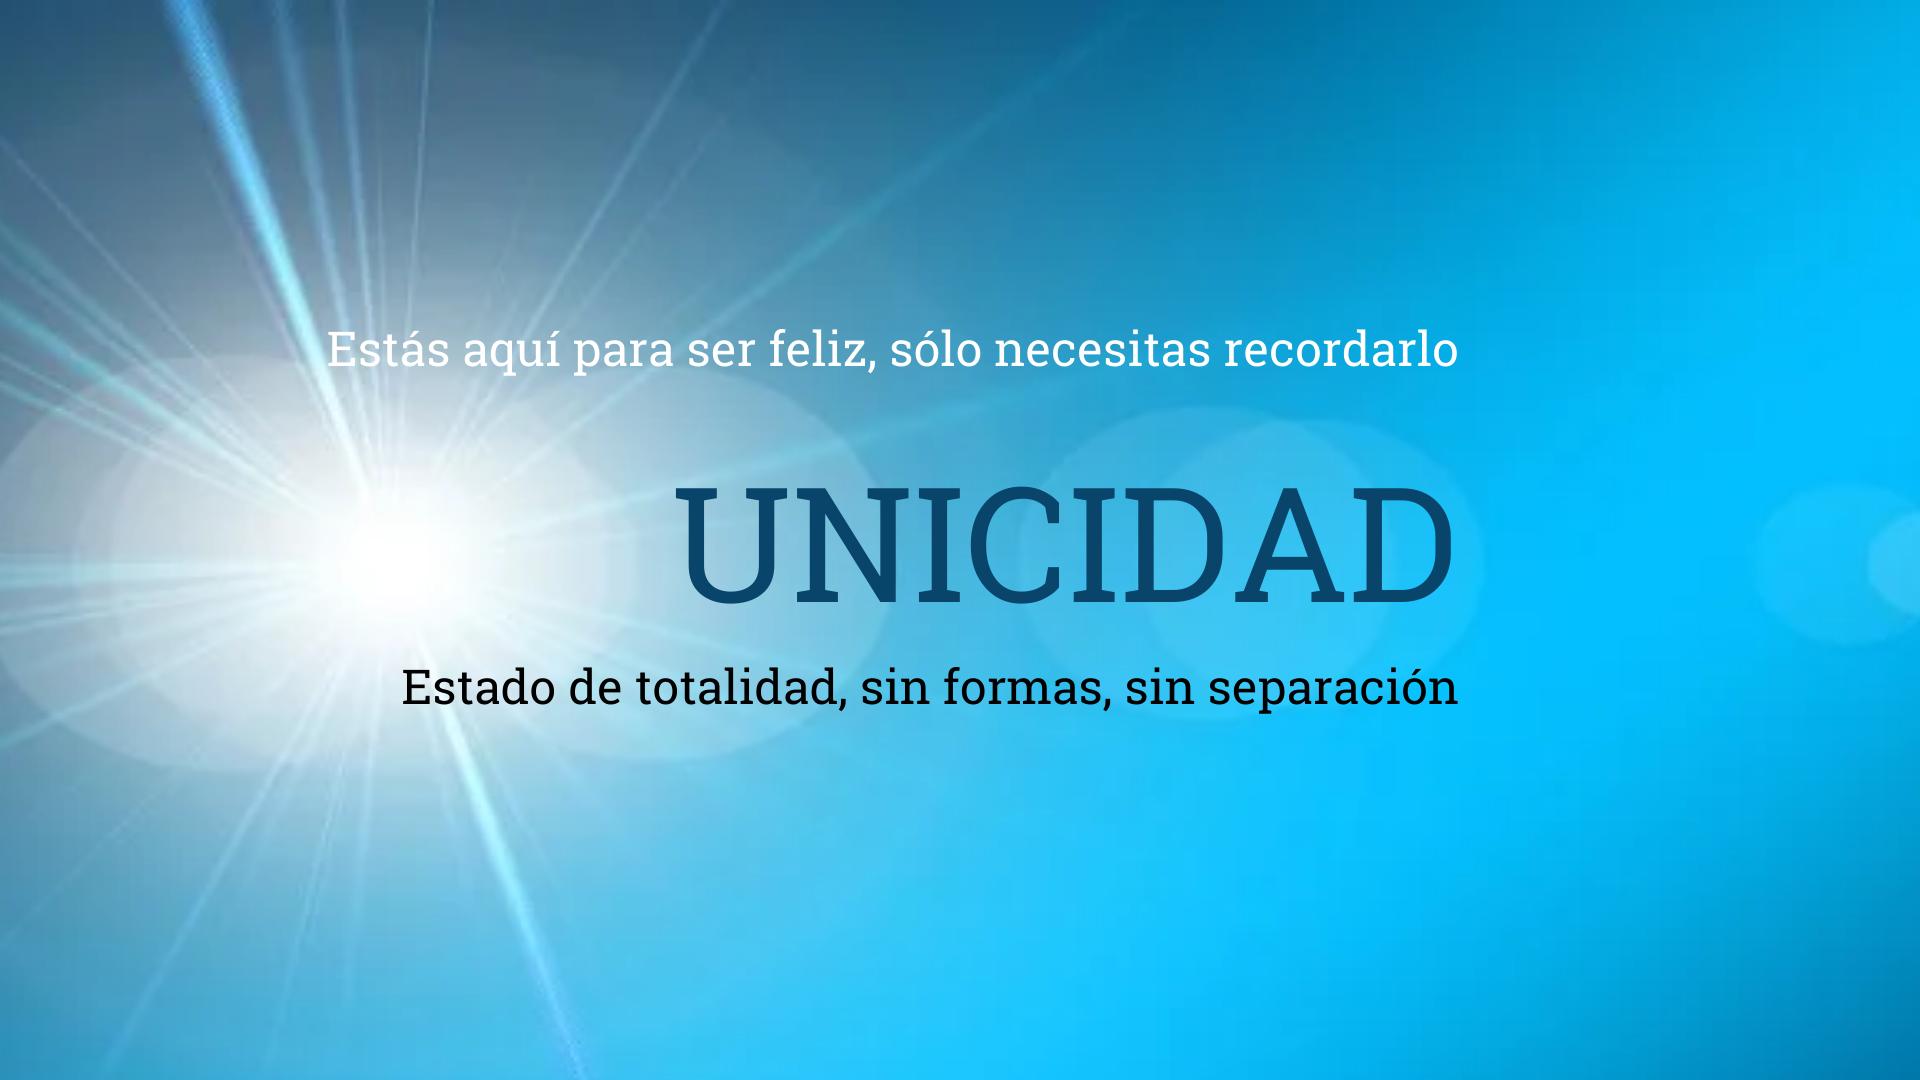 Imagen de Unicidad